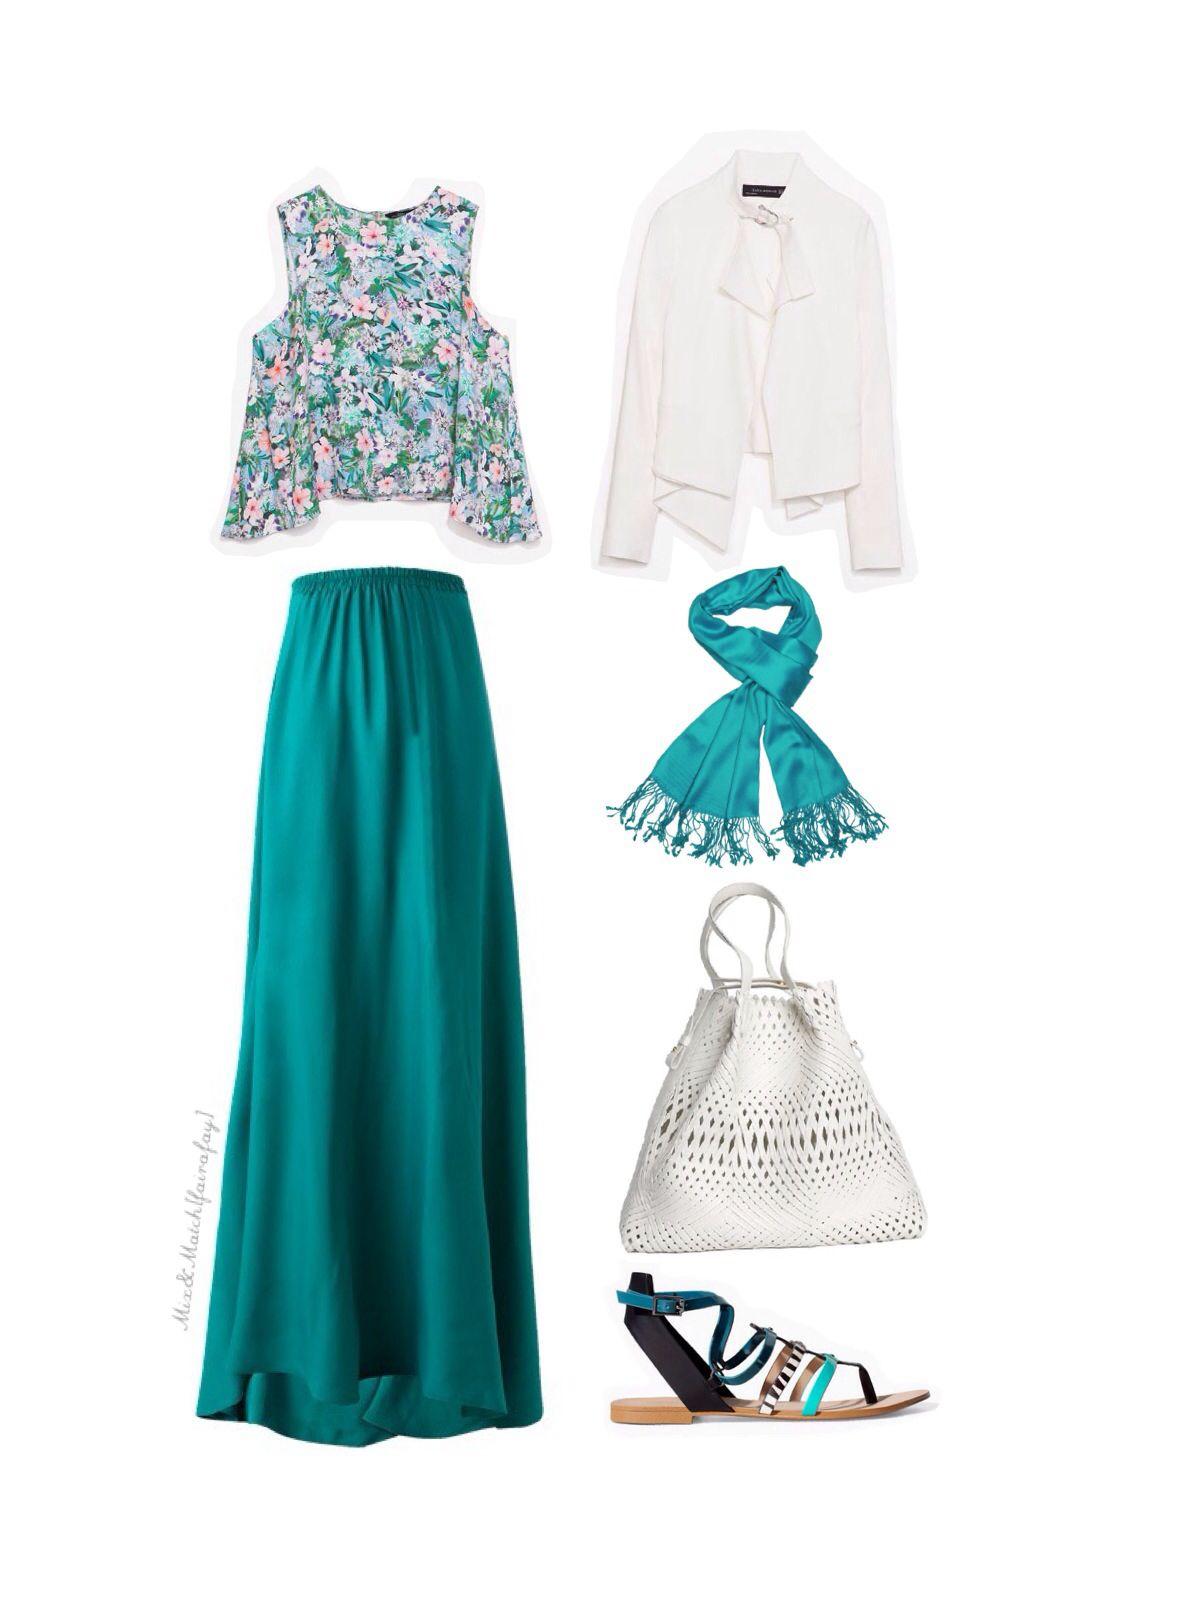 mix match fairafay style fashion hijab mix match